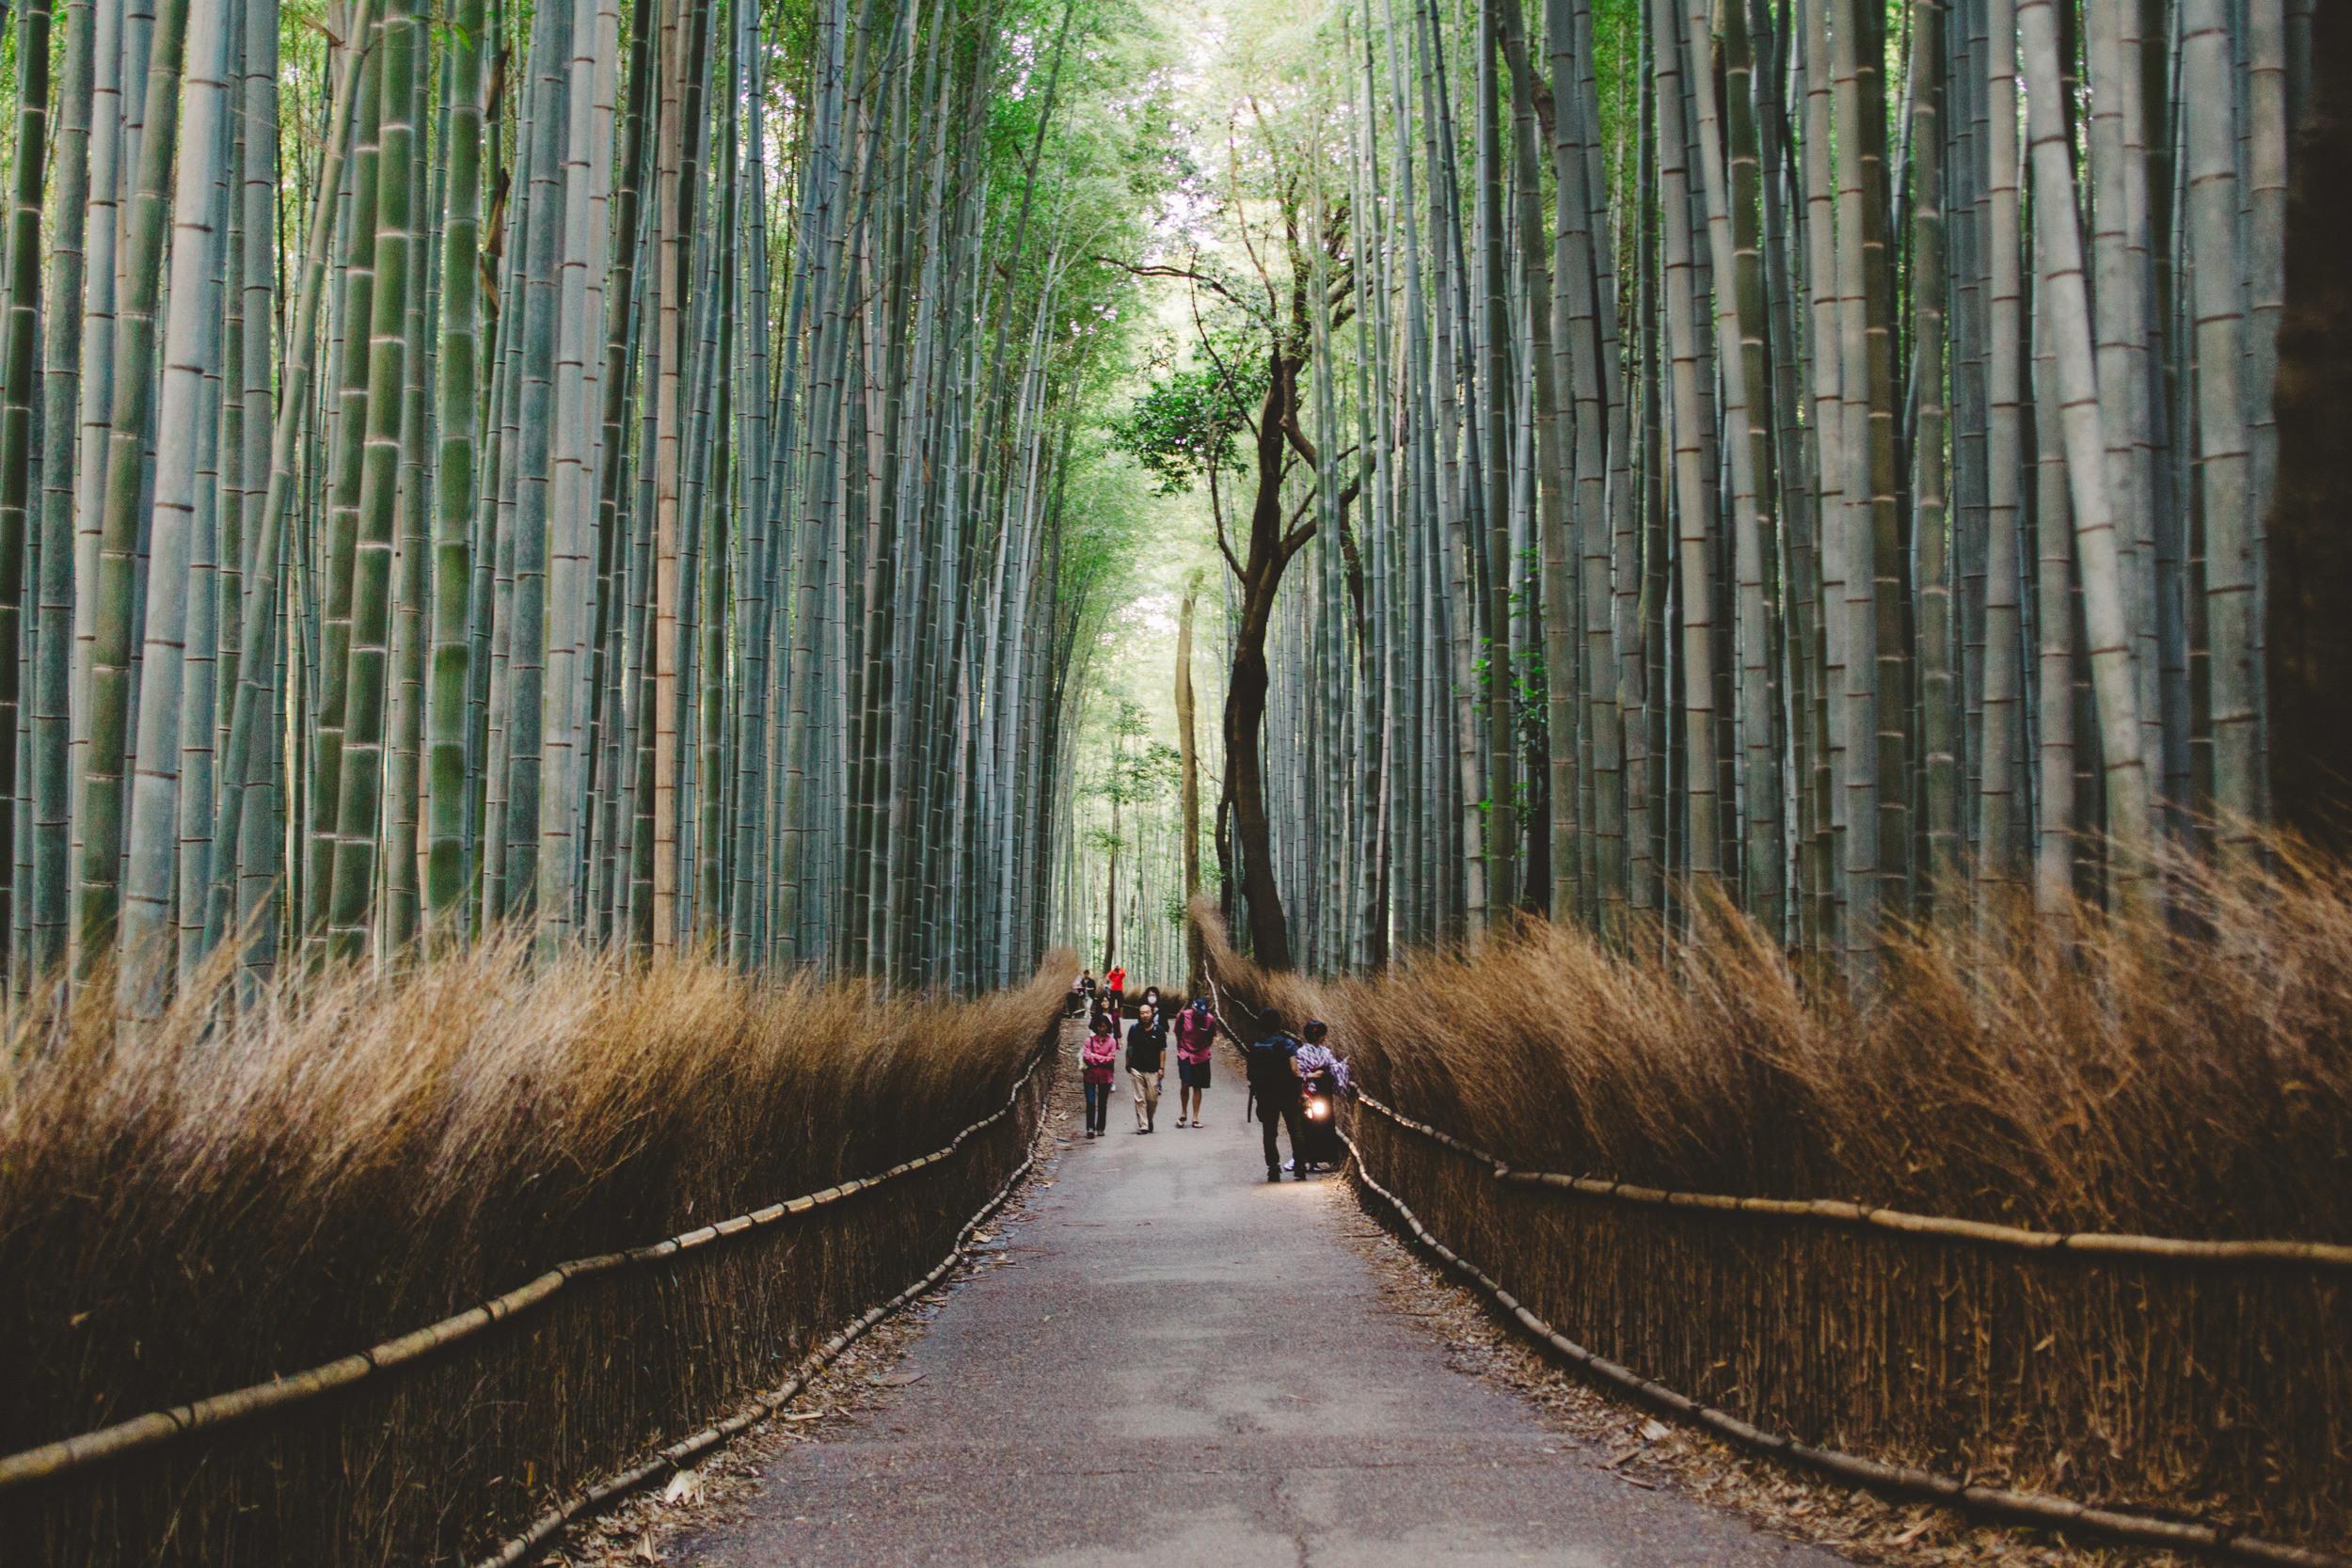 Japan, DC Photography, Dan Chern Photography, Bay Area Photography, Wedding Photography, Travel, Travel Photography, Tokyo, Kyoto, Odaiba, Osaka, Bamboo Grove, Bamboo